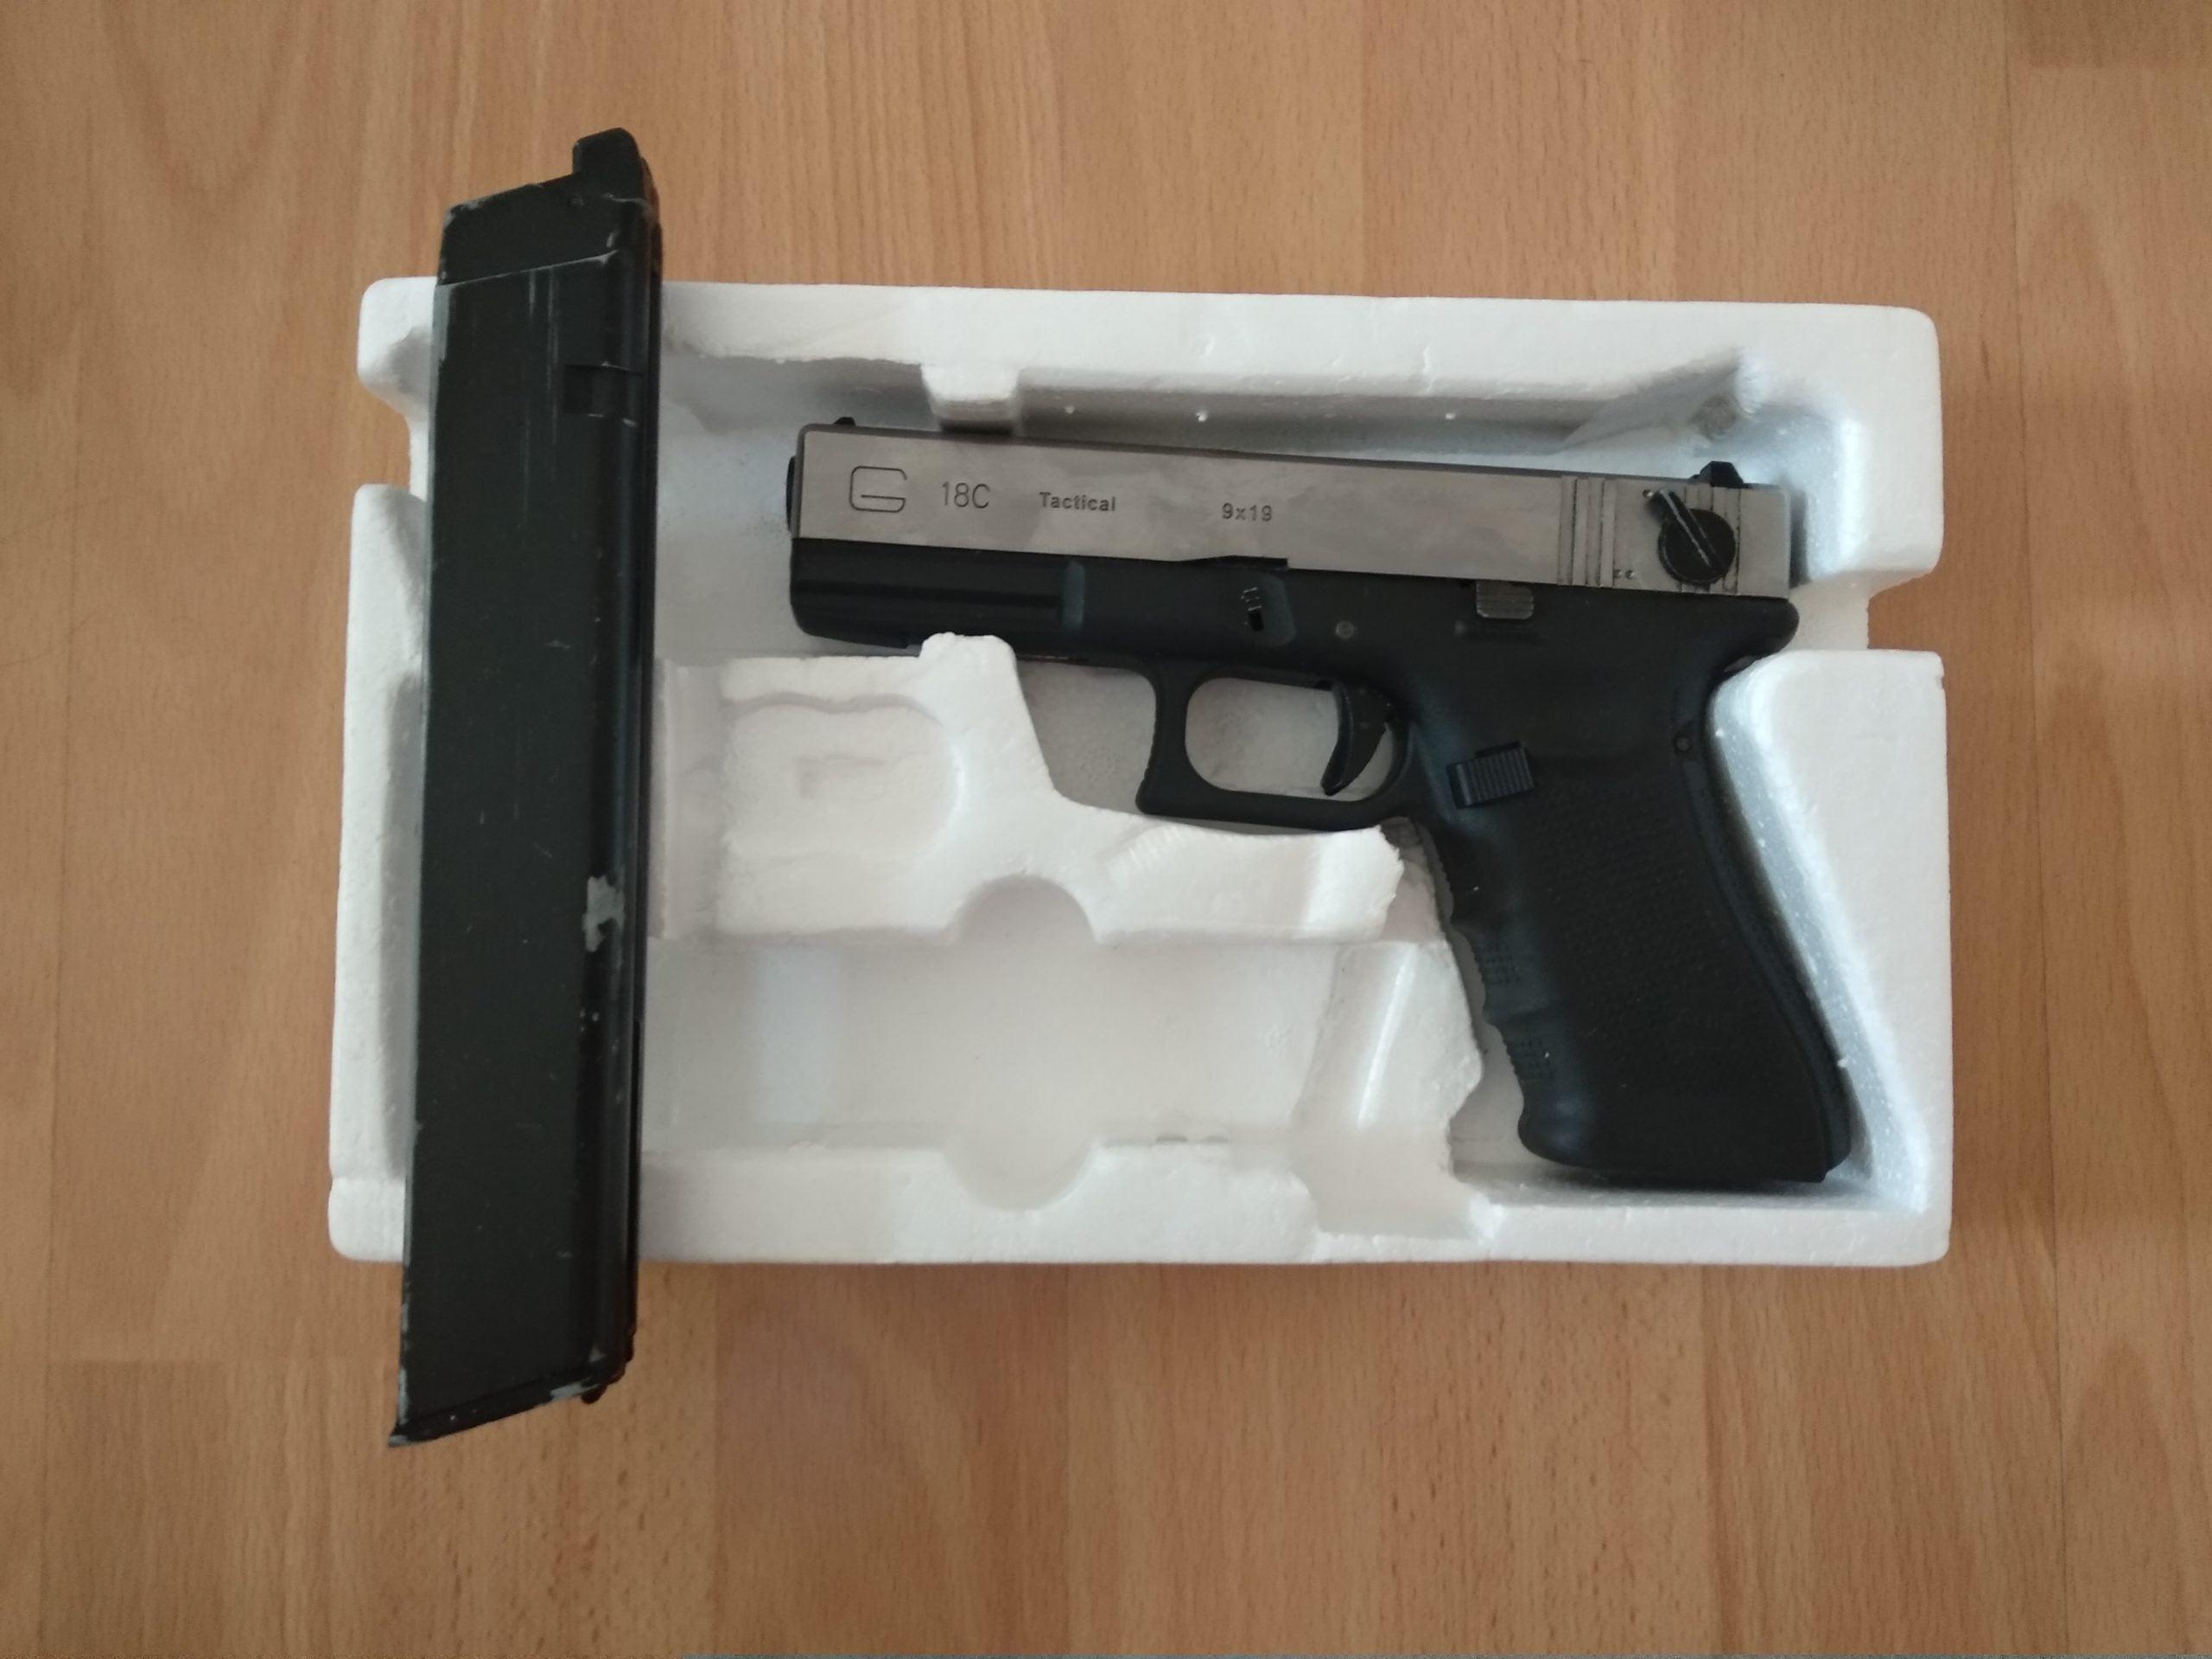 Réplique G36 AEG et Glock G18C Tactical